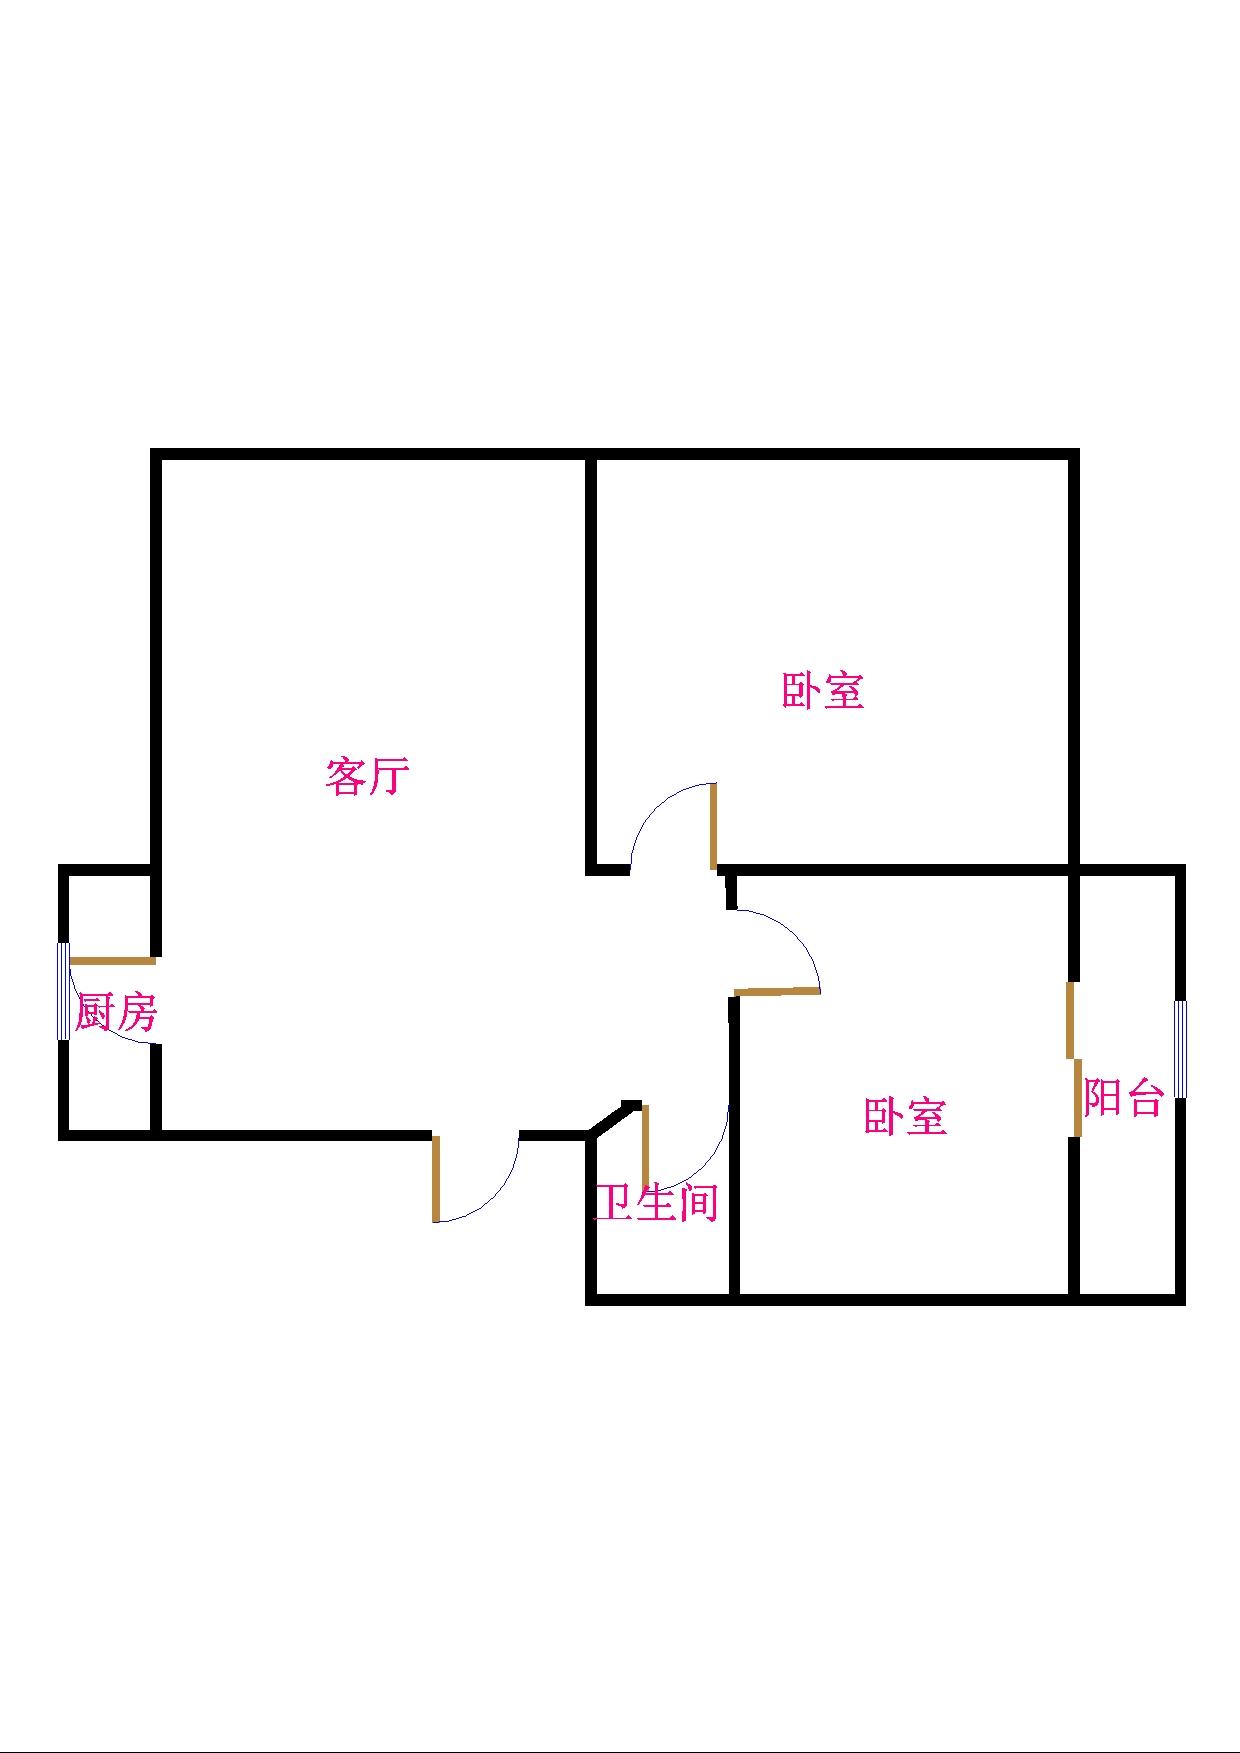 金卉小区 2室1厅 2楼